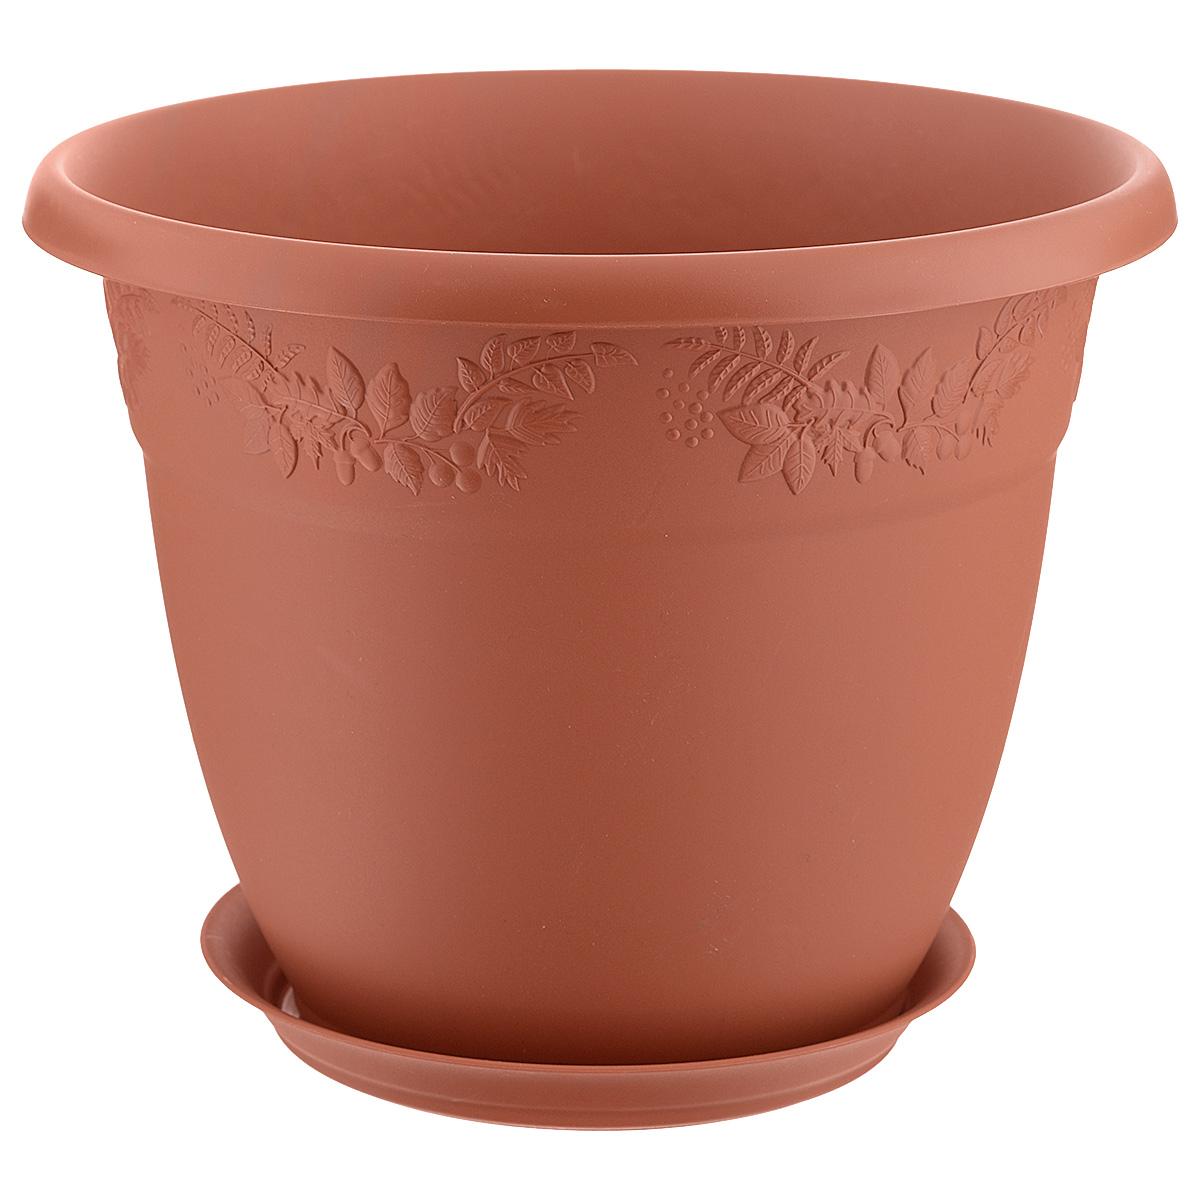 Кашпо Idea Рябина, с поддоном, цвет: терракотовый, 5 л16023_подарокКашпо Idea Рябина изготовлено из высококачественного полипропилена (пластика). Специальный поддон предназначен для стока воды. Изделие прекрасно подходит для выращивания растений и цветов в домашних условиях. Лаконичный дизайн впишется в интерьер любого помещения. Диаметр поддона: 17,5 см. Объем кашпо: 5 л.Диаметр кашпо по верхнему краю: 25 см.Высота кашпо: 20 см.